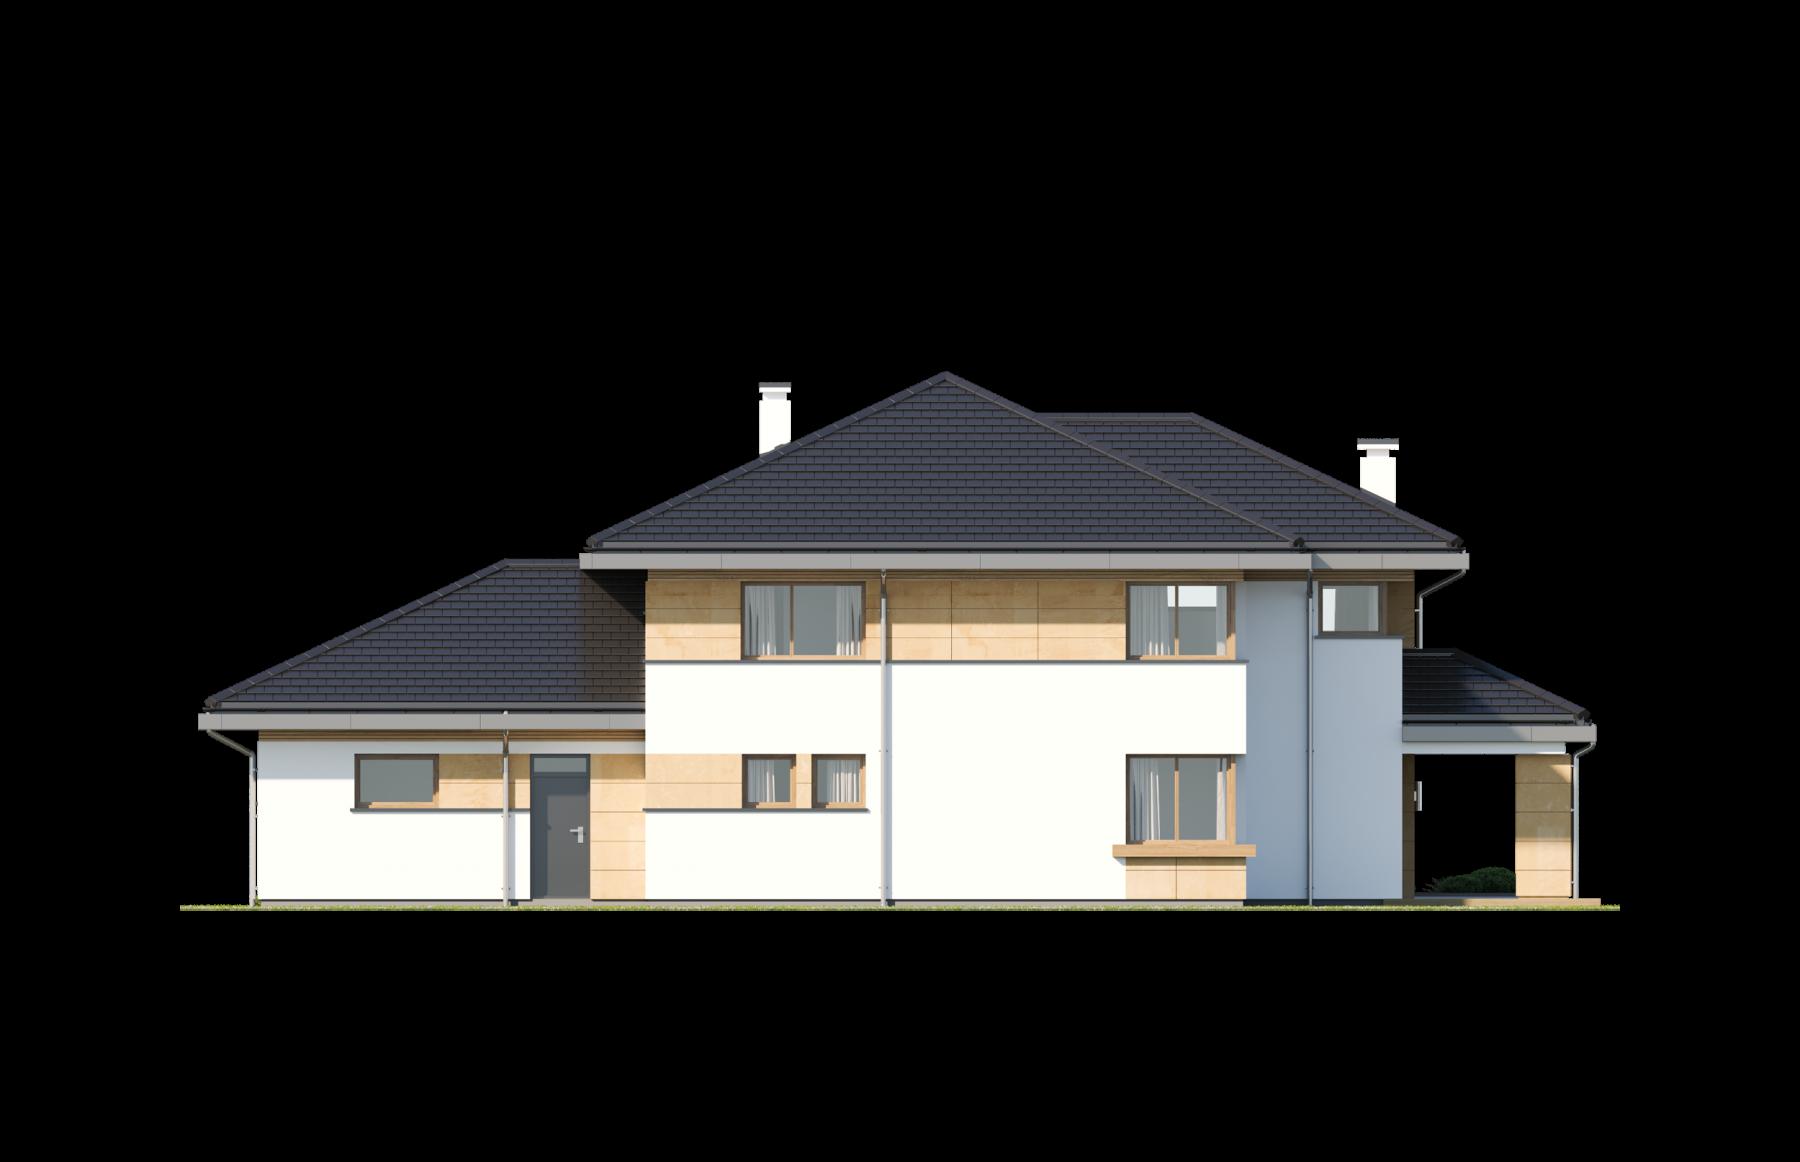 Dom z widokiem 3 wariant B - elewacja ogrodowa